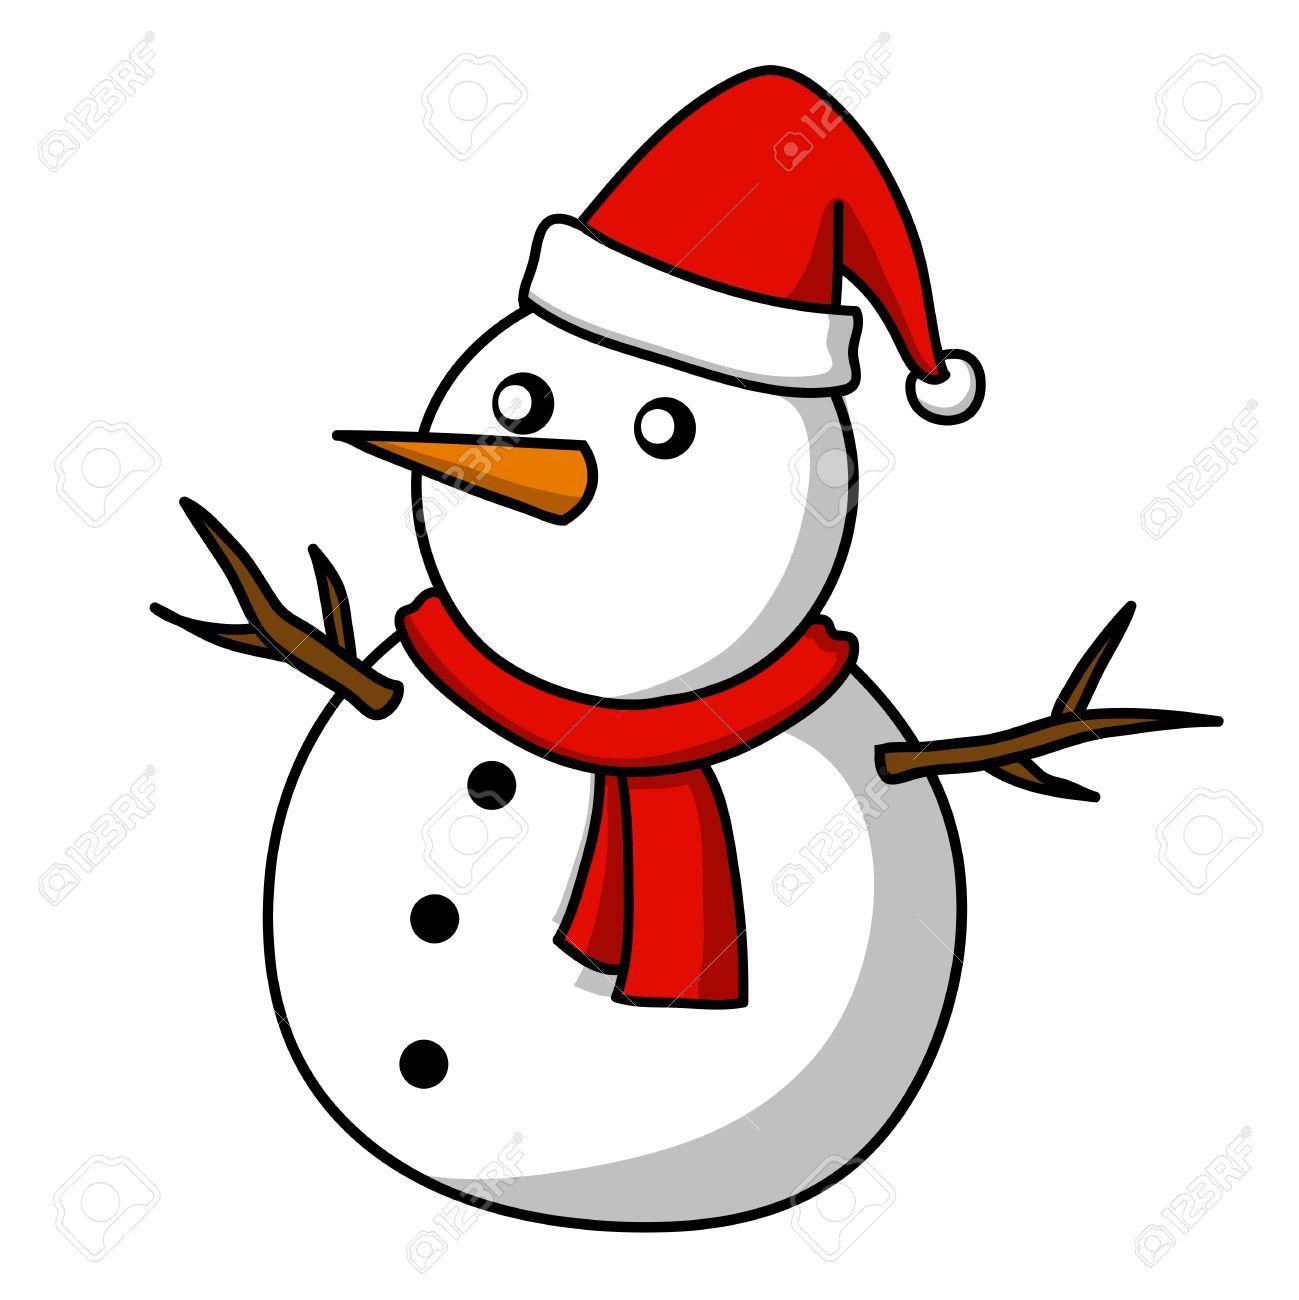 15559112 dessin de bonhomme de neige de no l banque d 39 1299 1300 cours dessin - Clipart bonhomme de neige ...